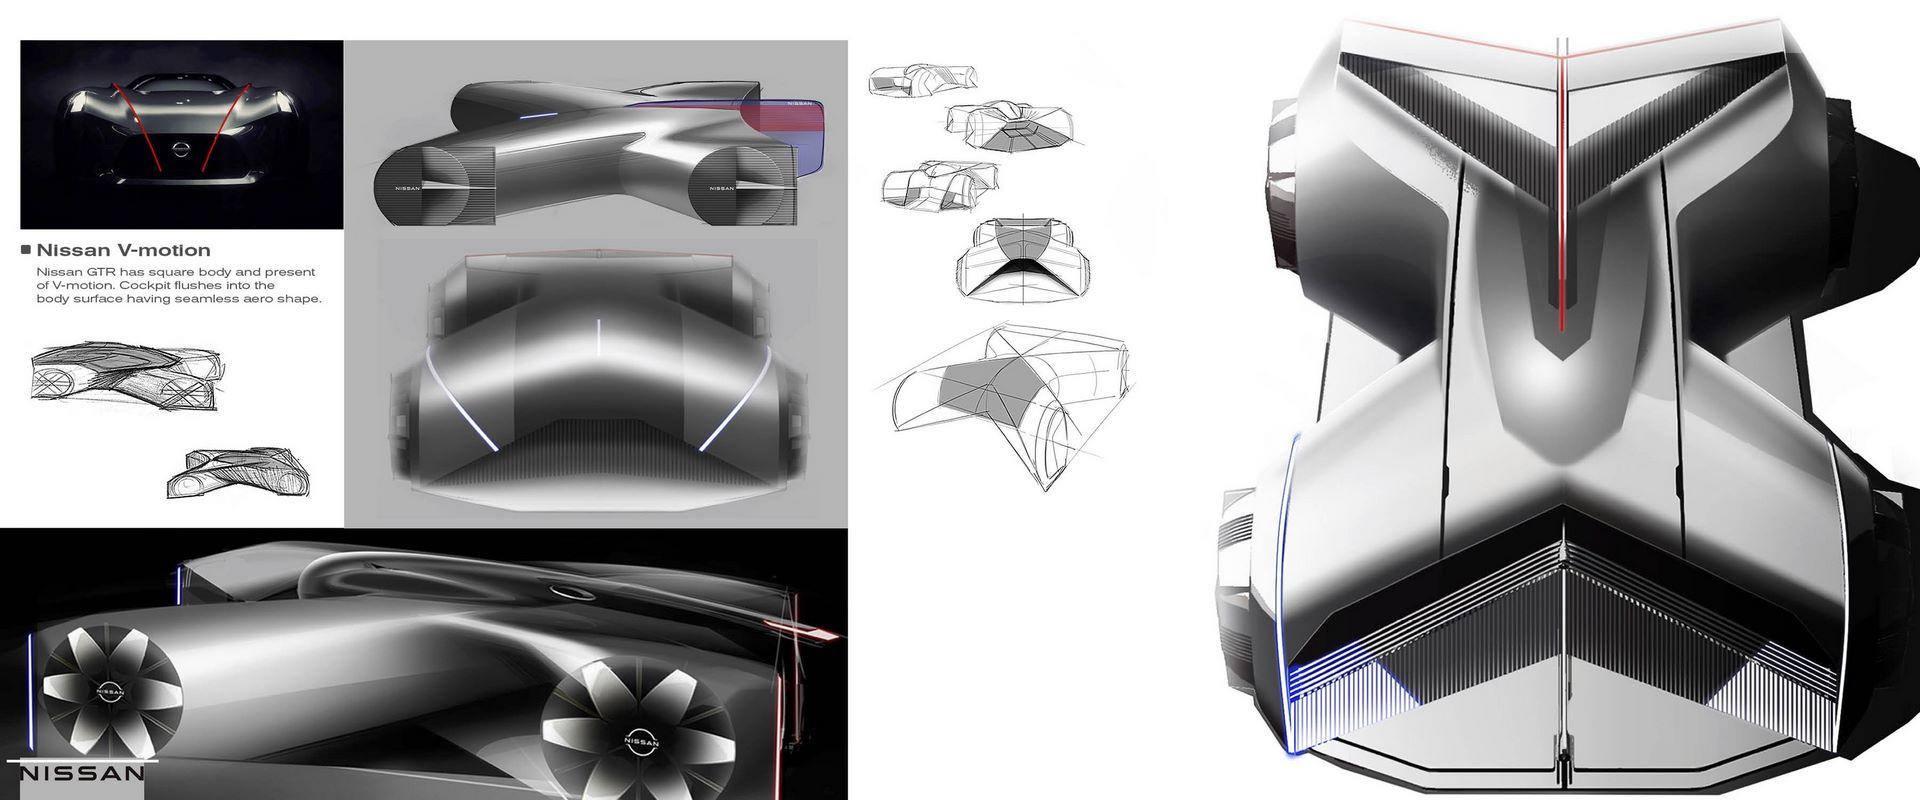 Nissan-GT-R-X-2050-Concept-35